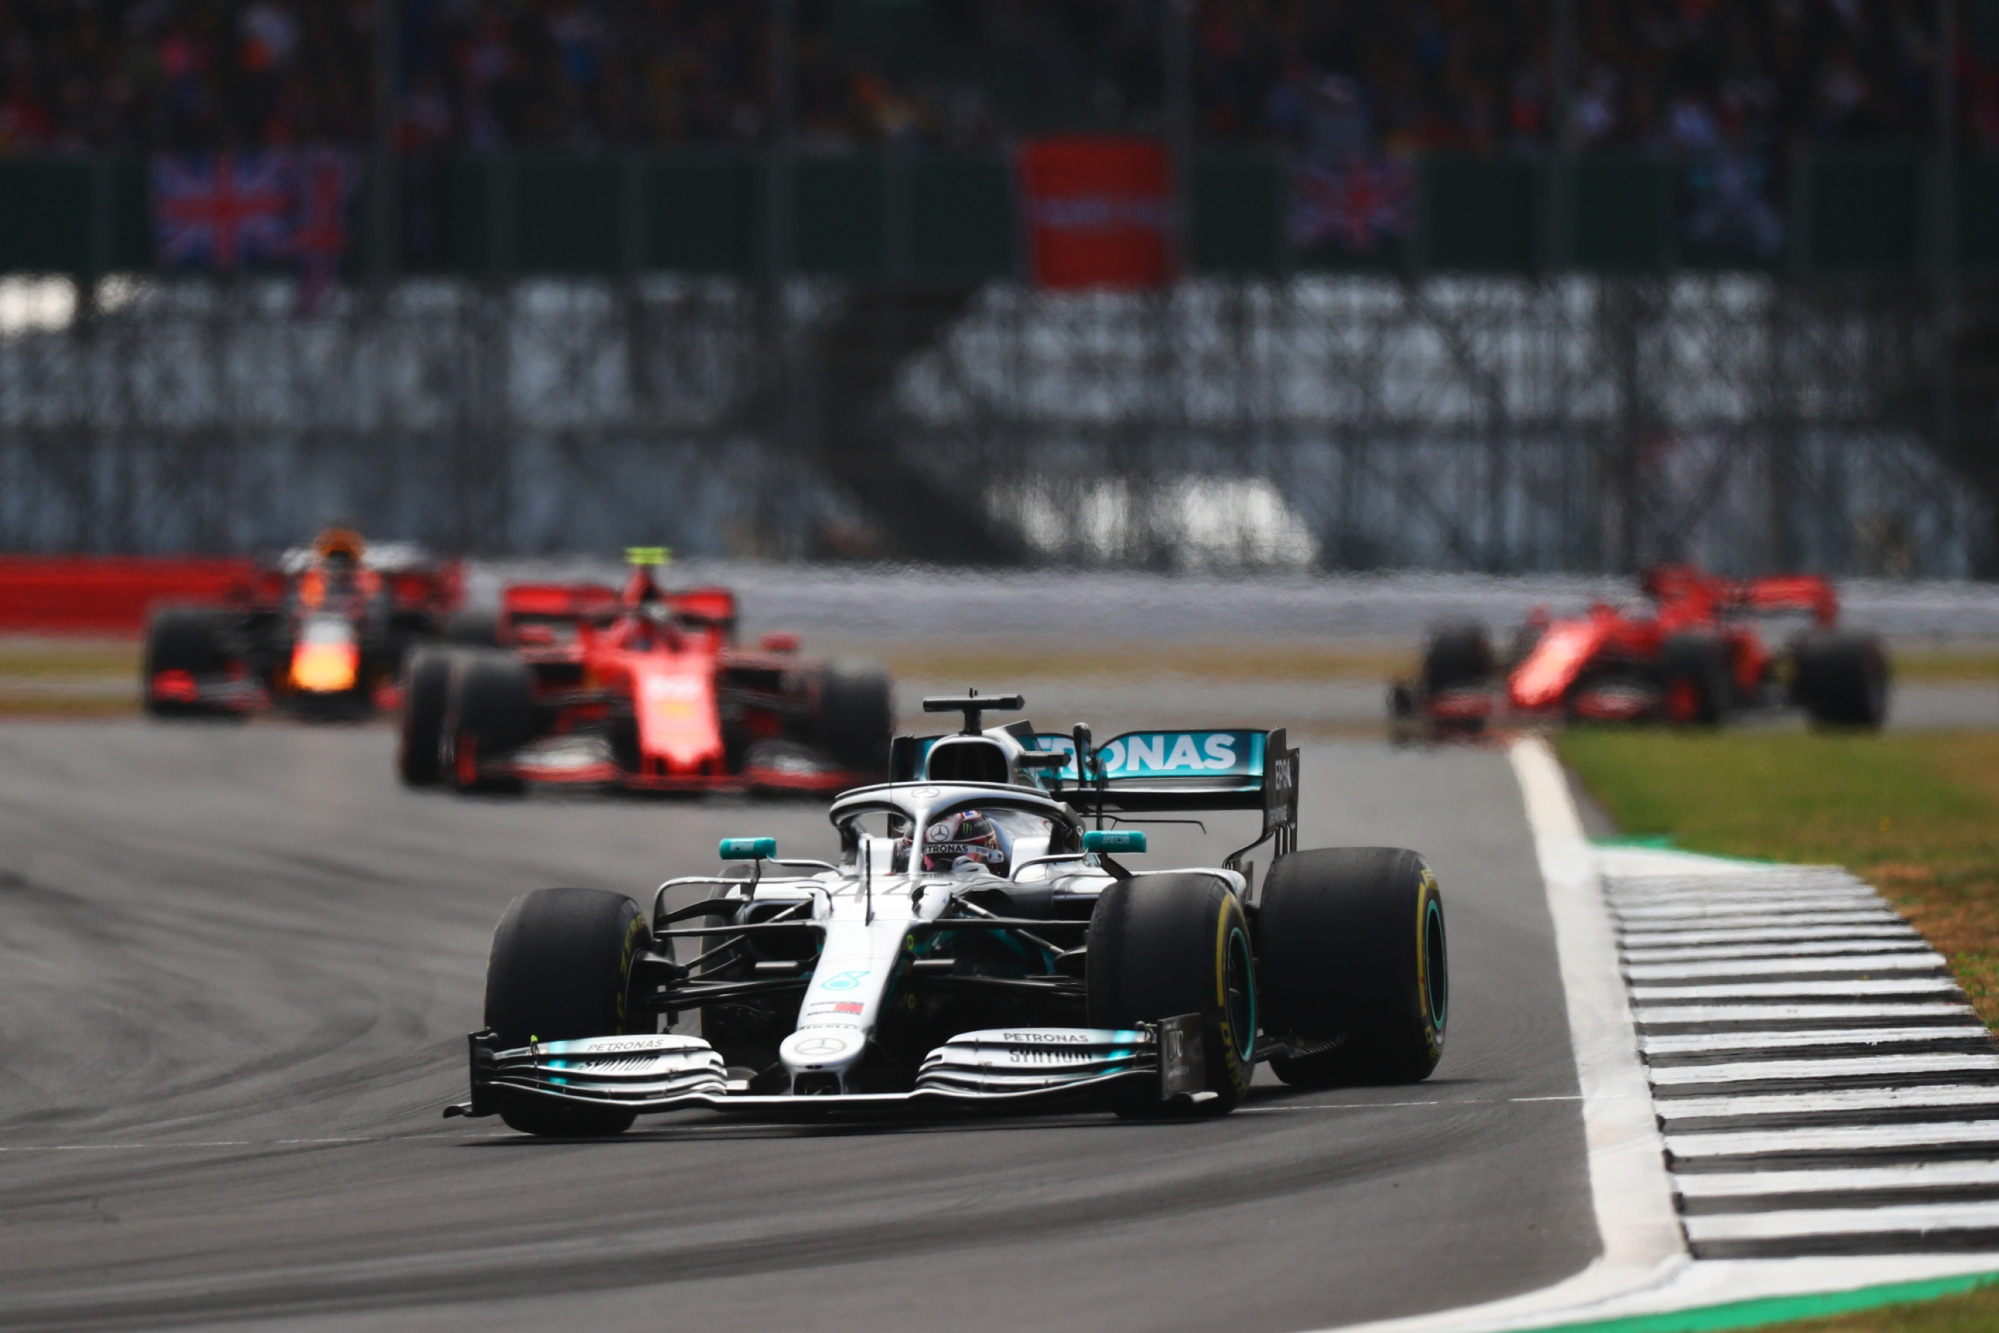 2019 British GP, Lewis Hamilton